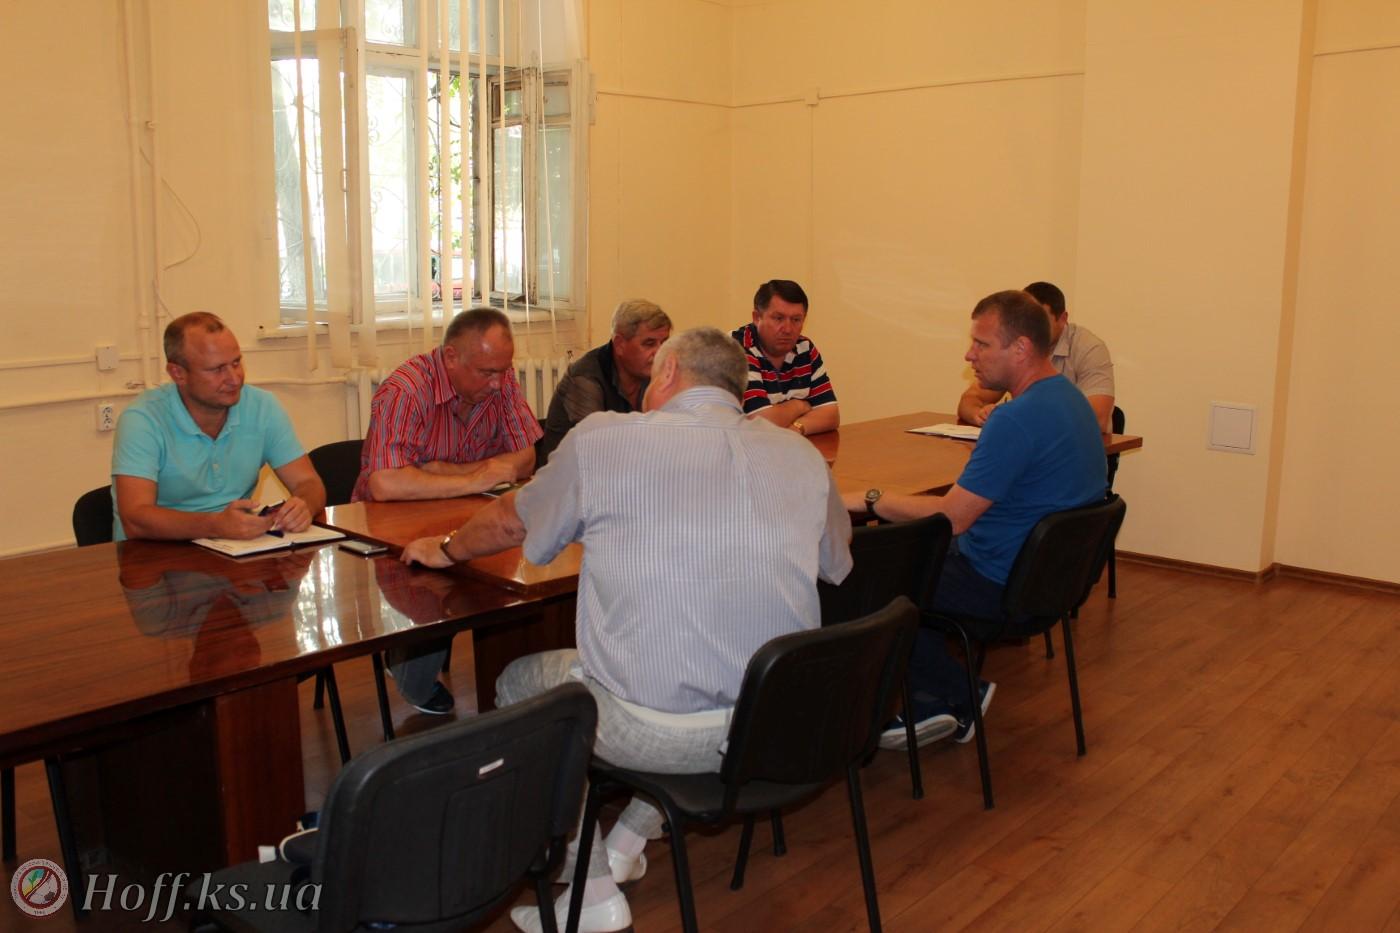 Ініціативна група щодо розгляду клопотання МФК Кристал до допуску до змагань Другої ліги 2017-18